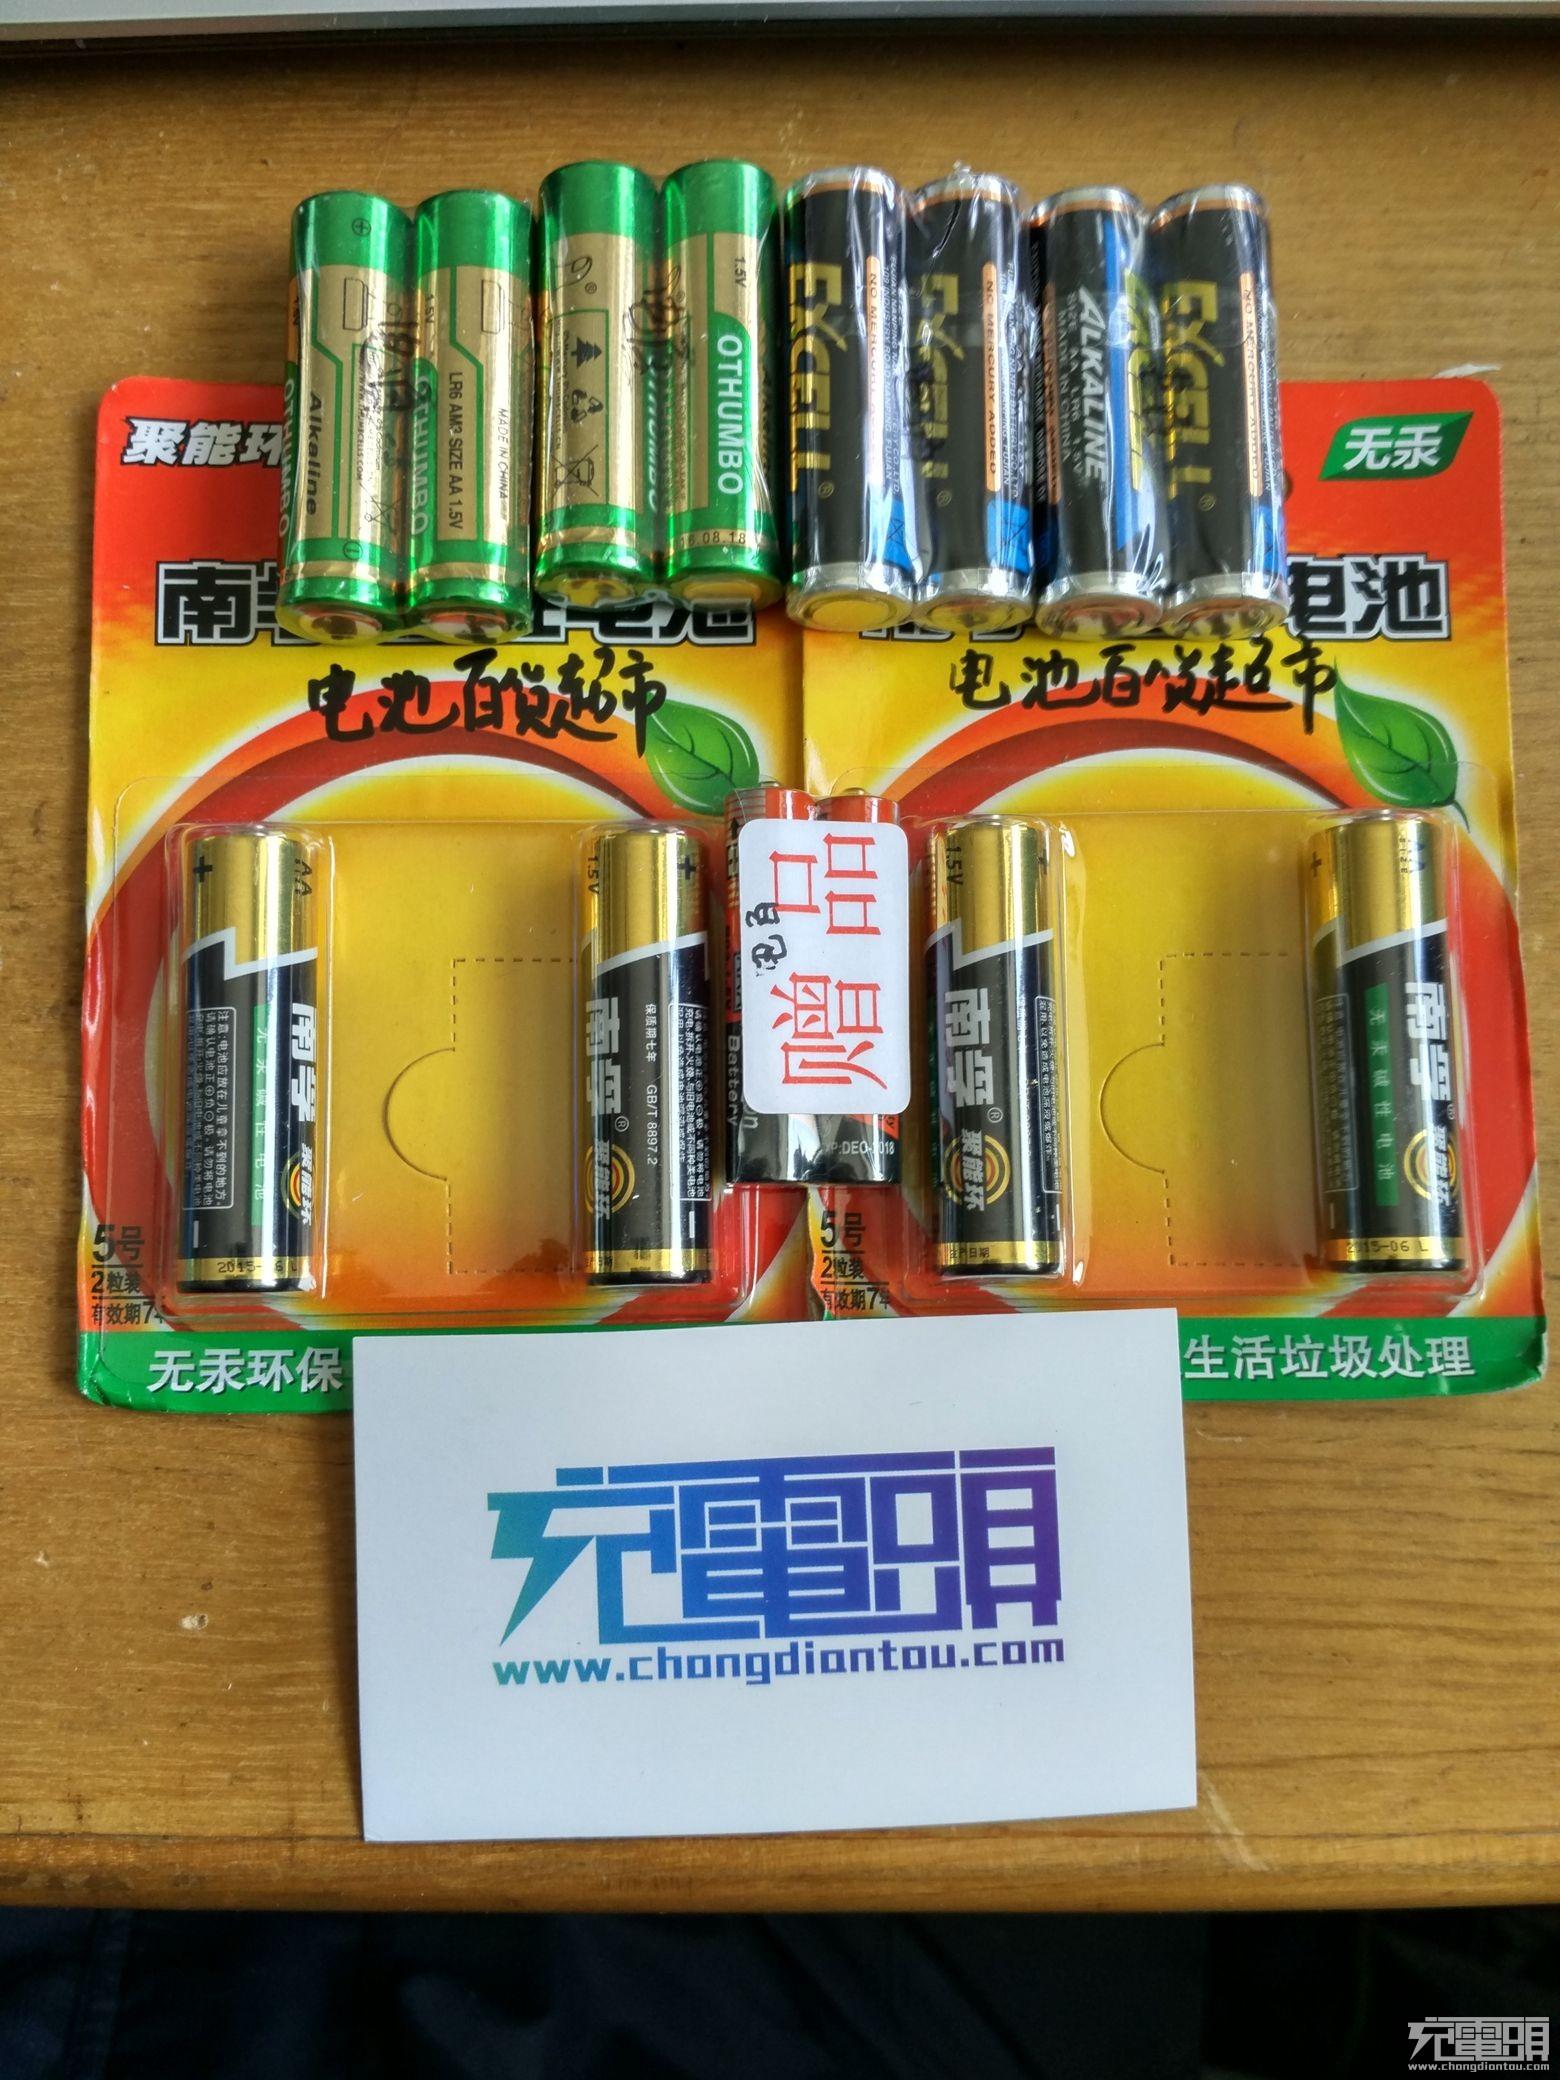 南孚、thumbcell 电池百货超市.jpg